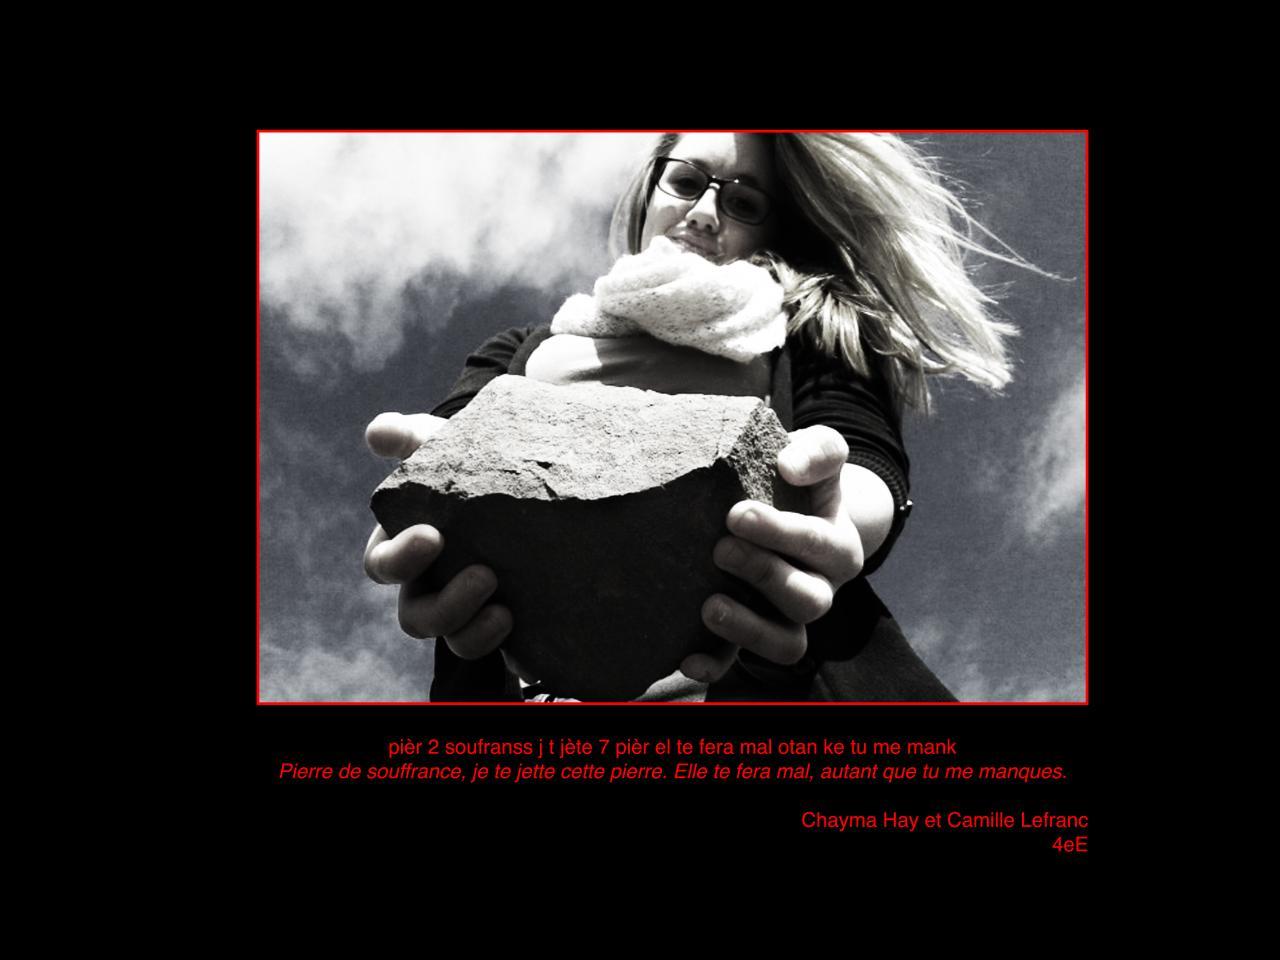 pierre souffrance